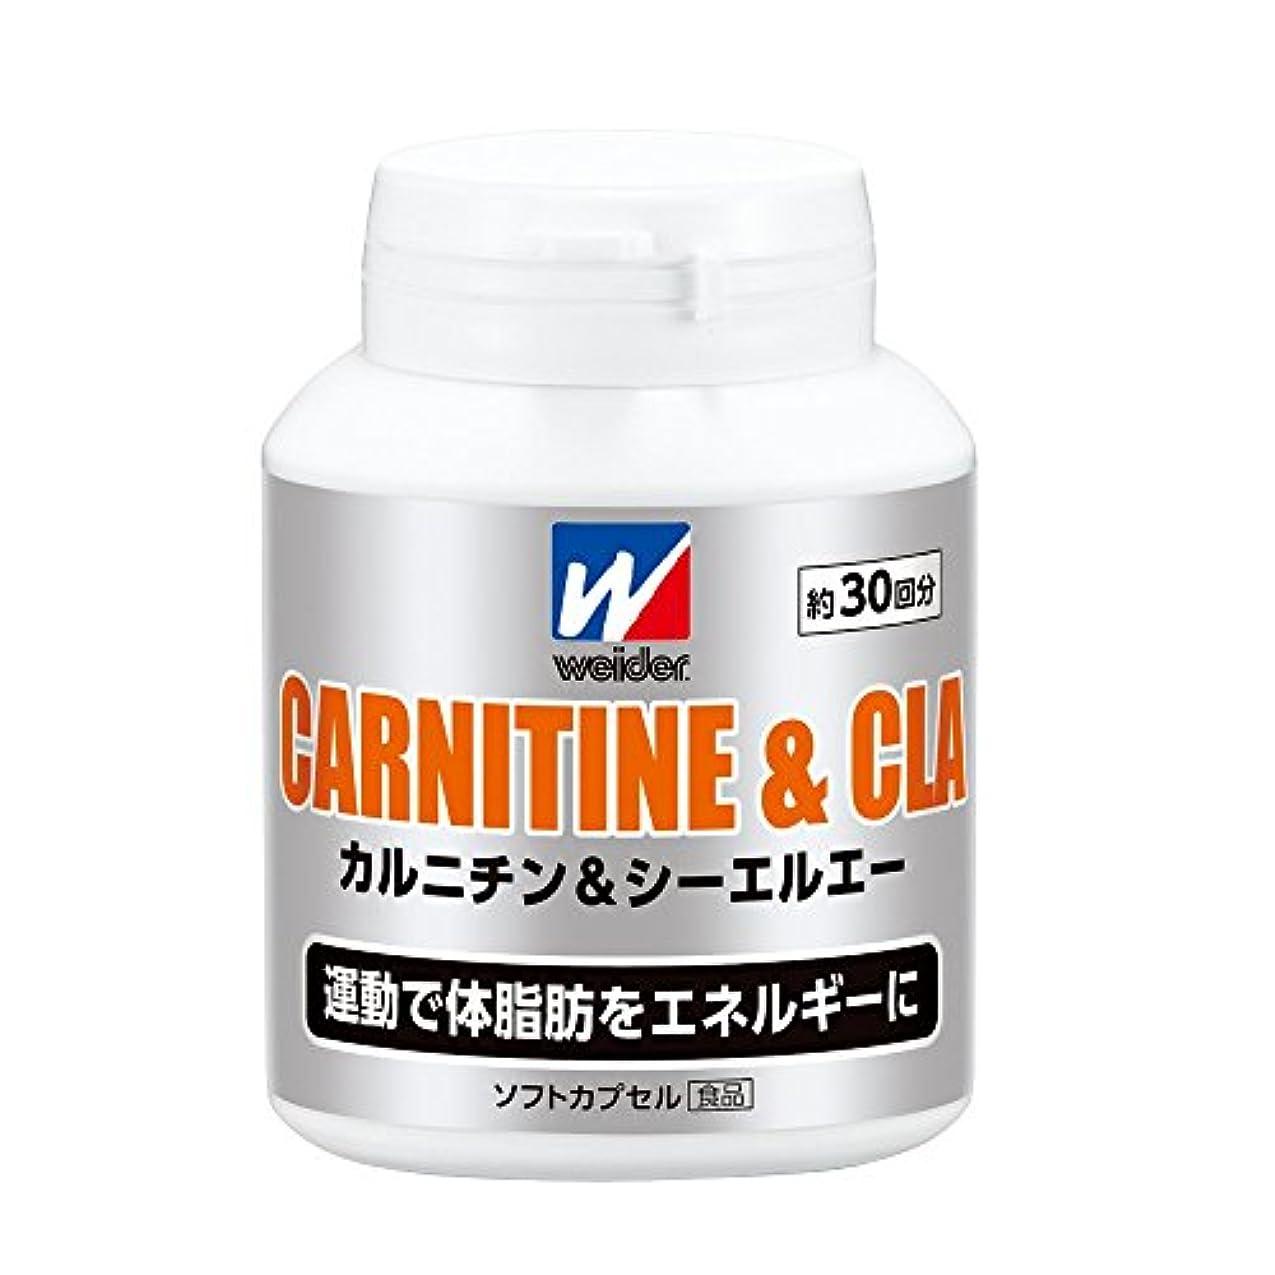 懸念利用可能キャロラインウイダー カルニチン&CLA 120粒 約30回分